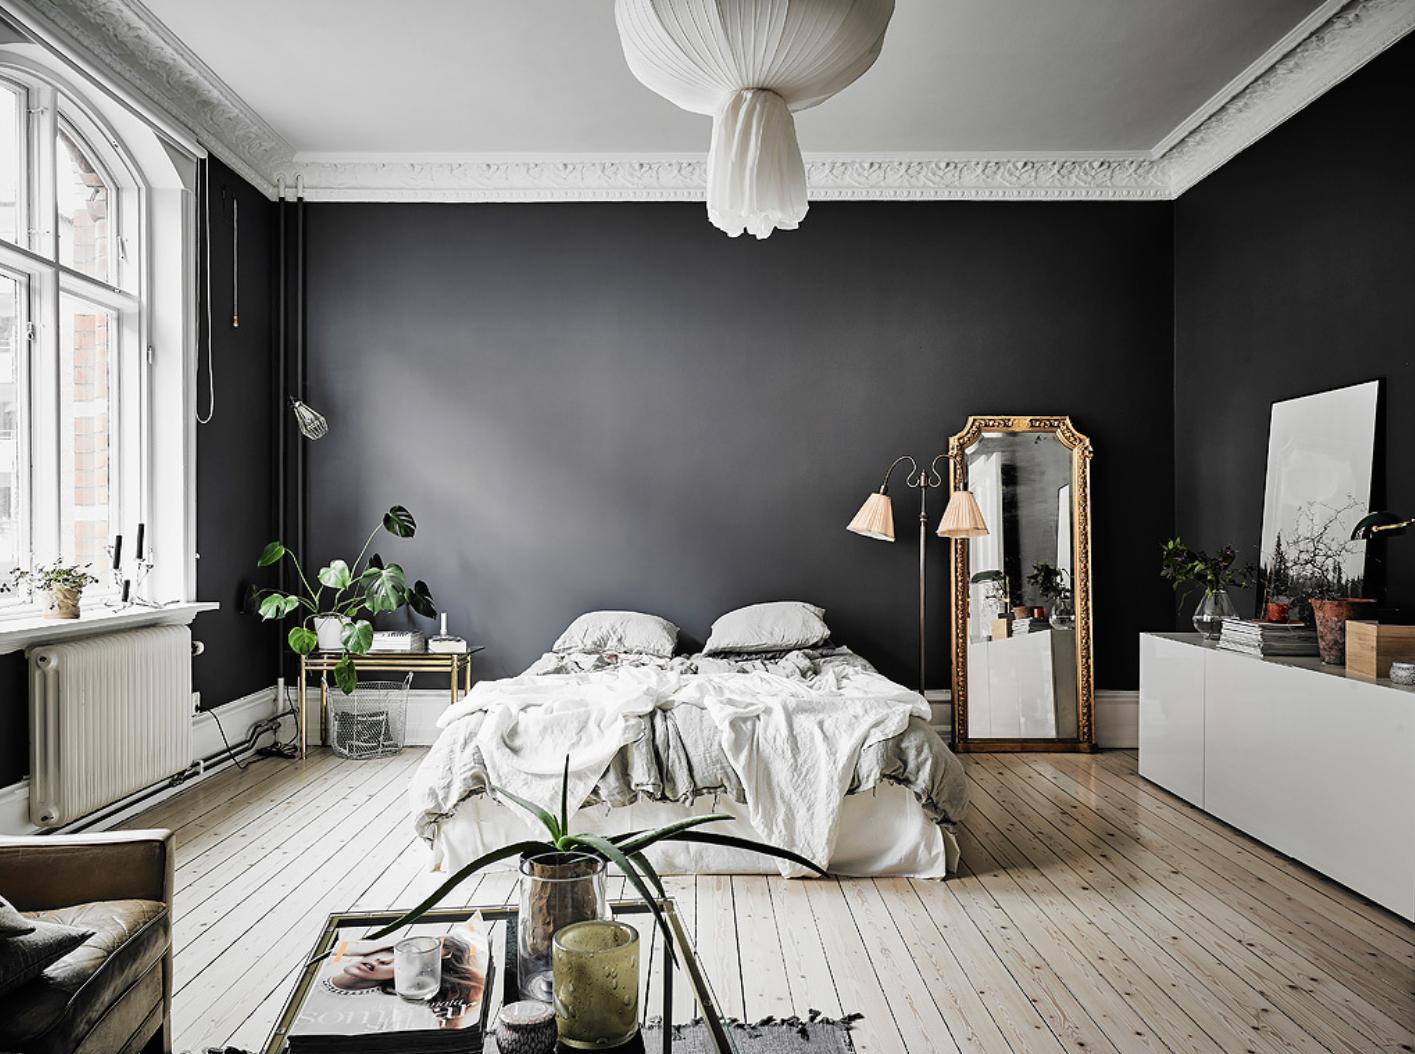 asunto1 Scandinavian ApartmentScandinavian Interior DesignScandinavian asunto1